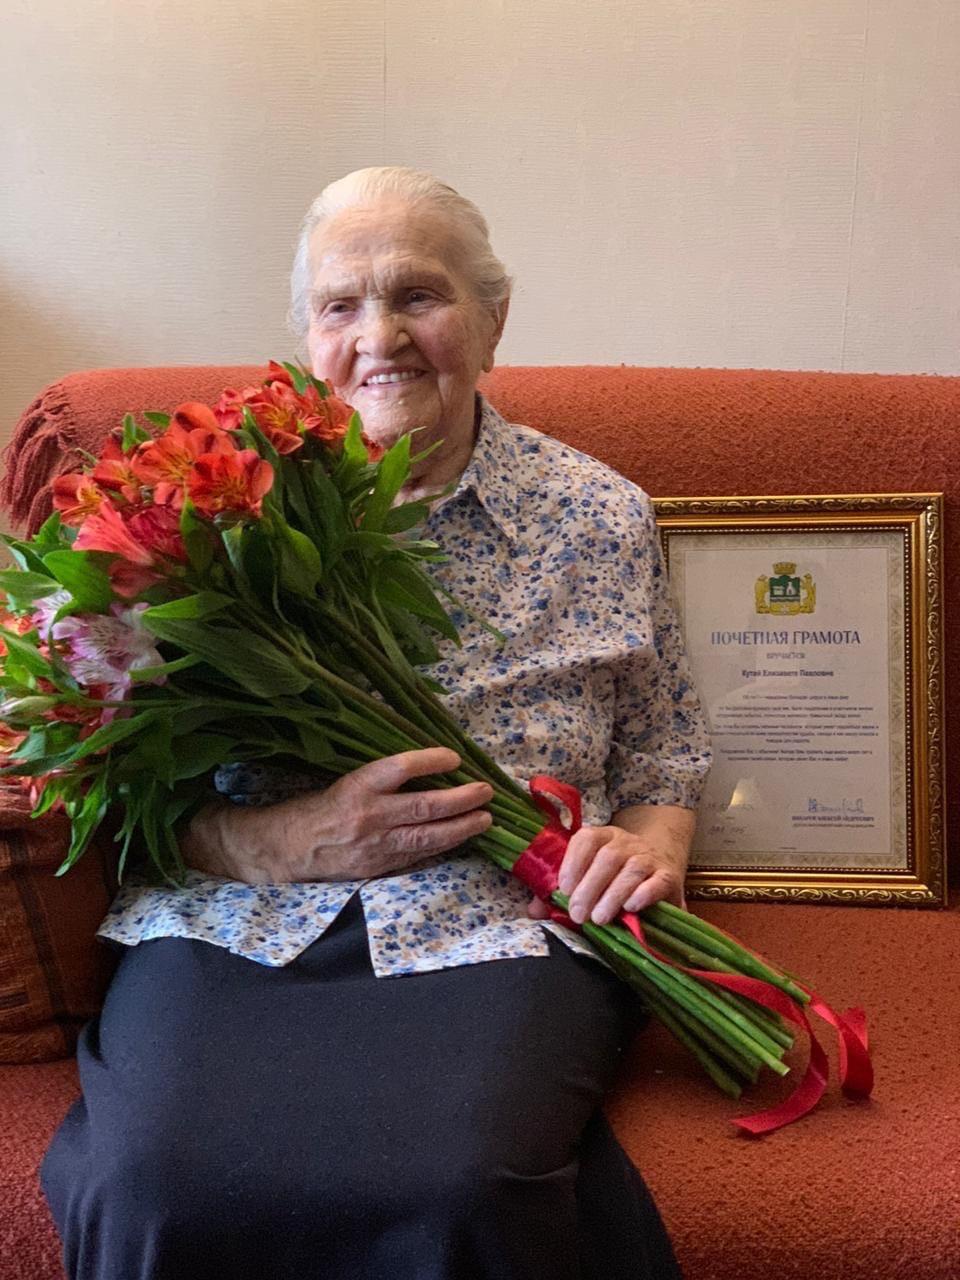 Поздравили с днём рождения ветерана Великой Отечественной